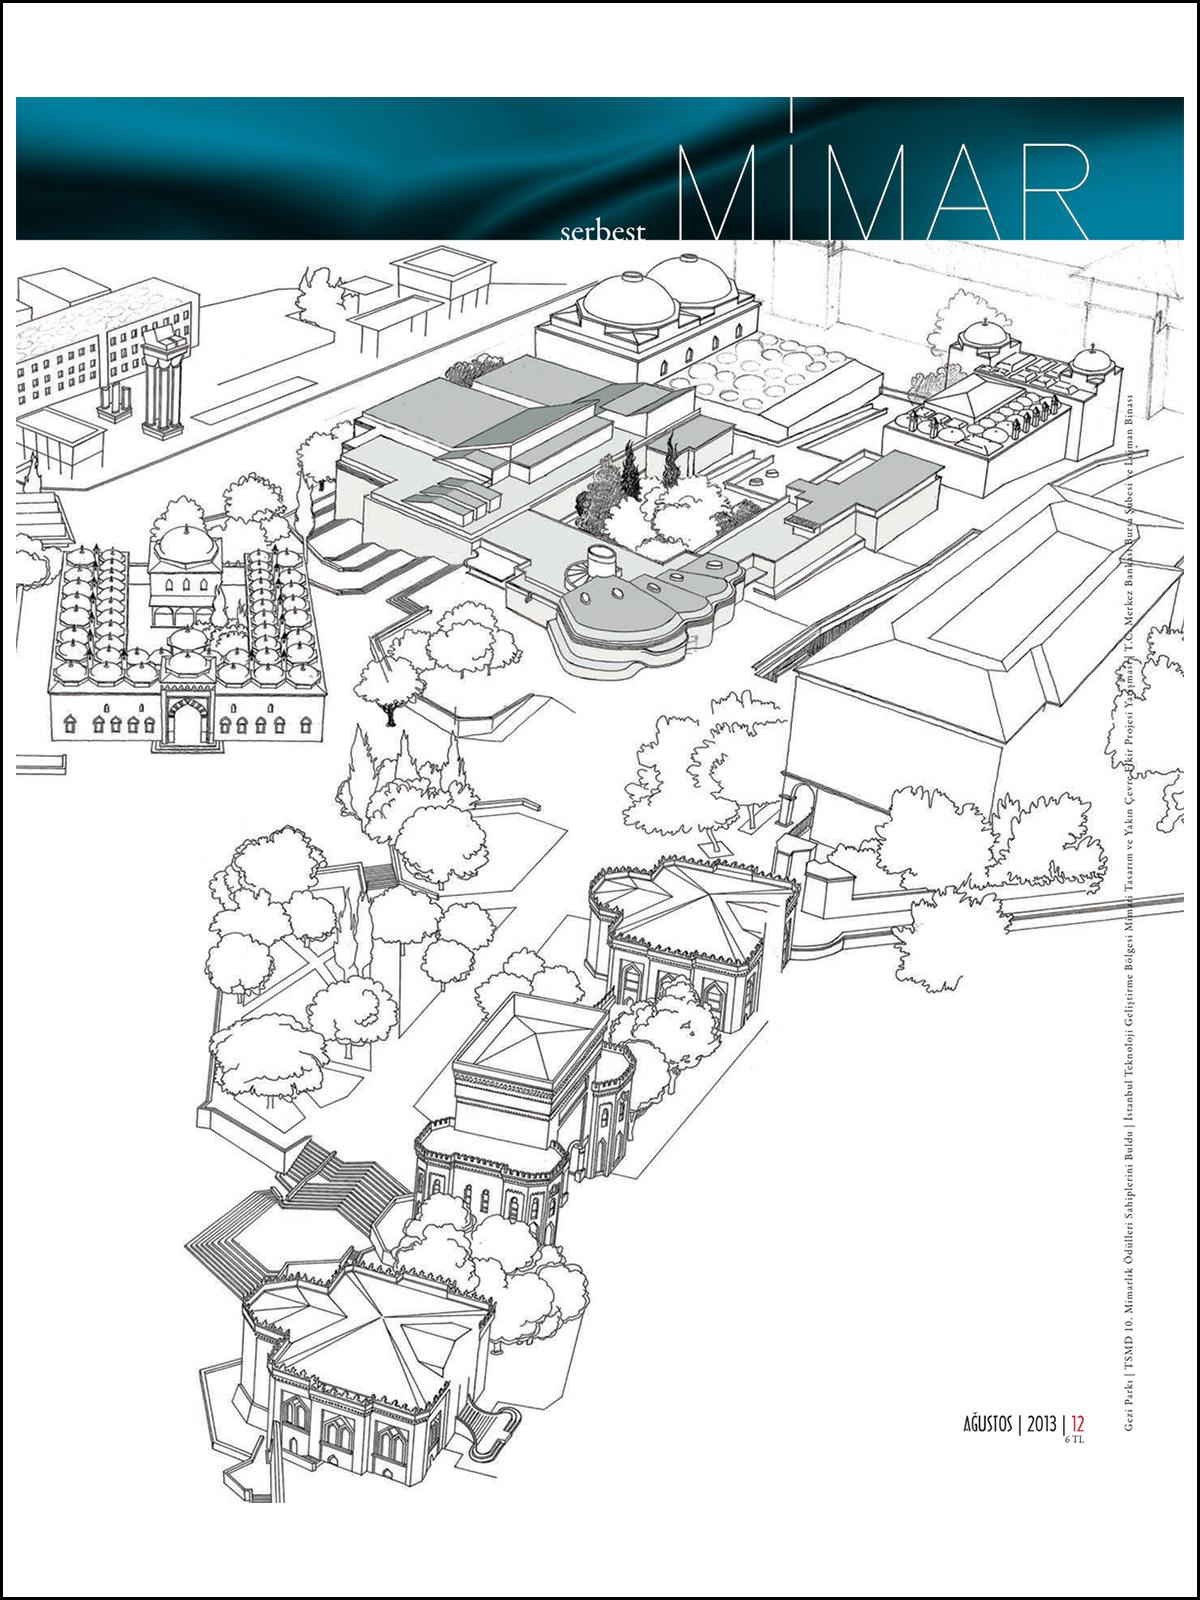 Serbest Mimar Dergisi